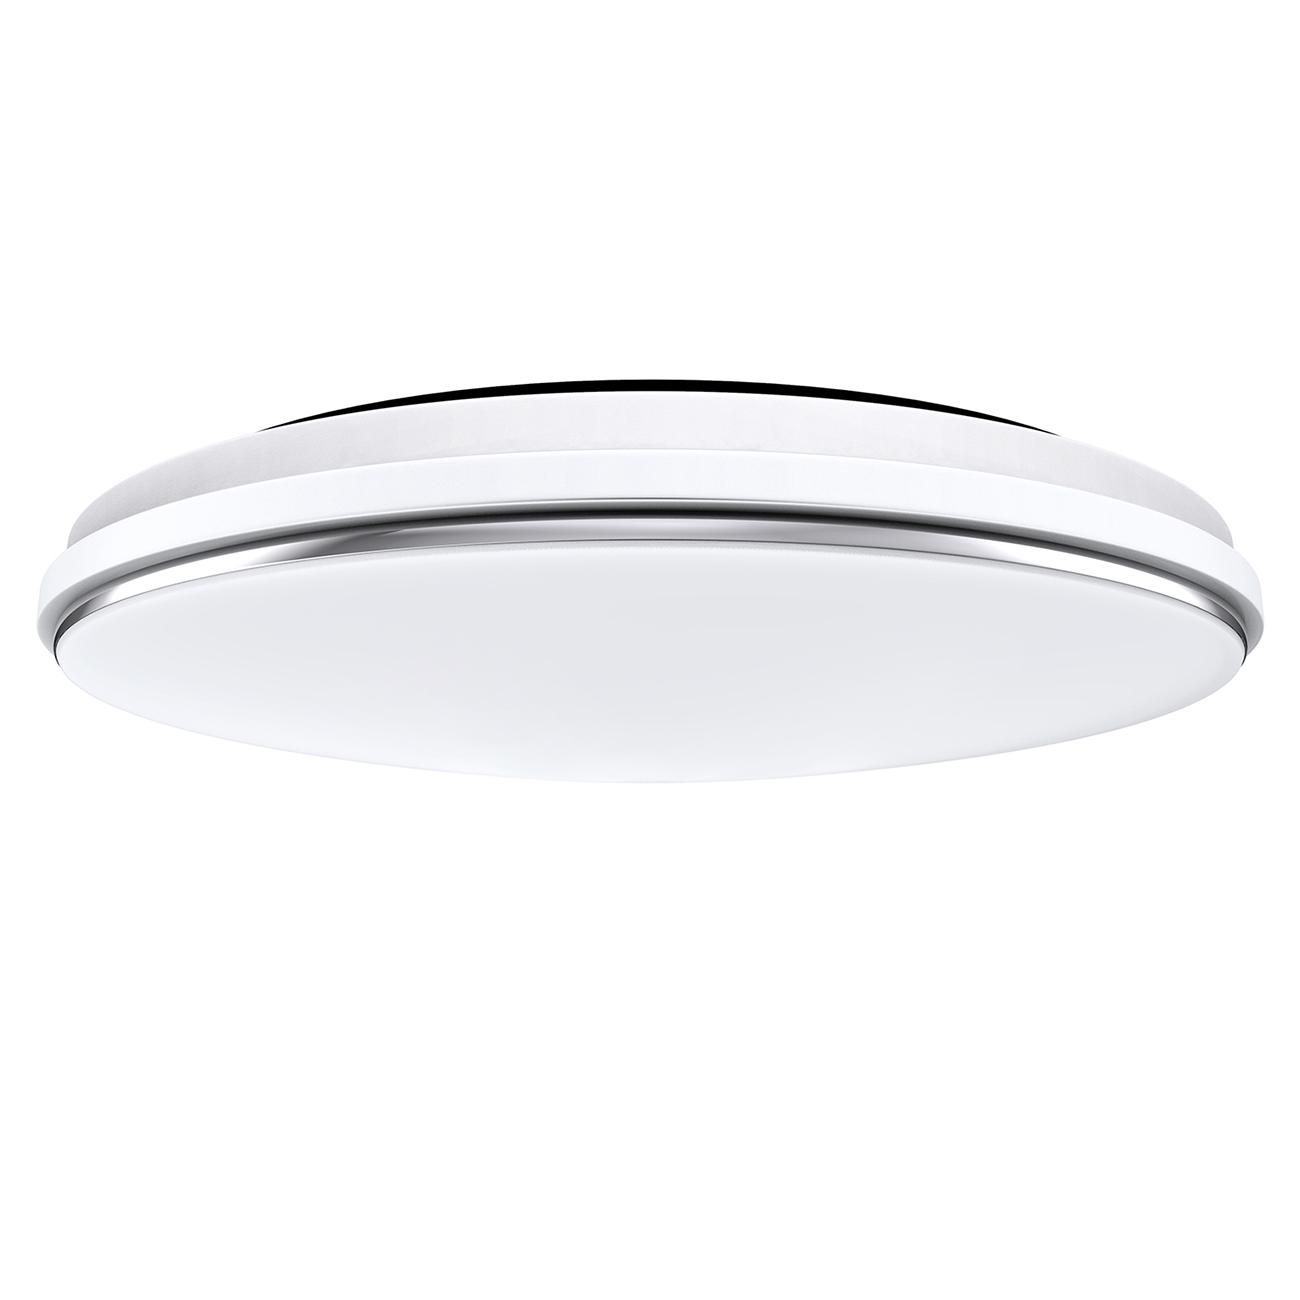 62W LED Deckenleuchte Deckenlampe Dimmbar mit fernbedienung Wohnzimmer Rund IP54